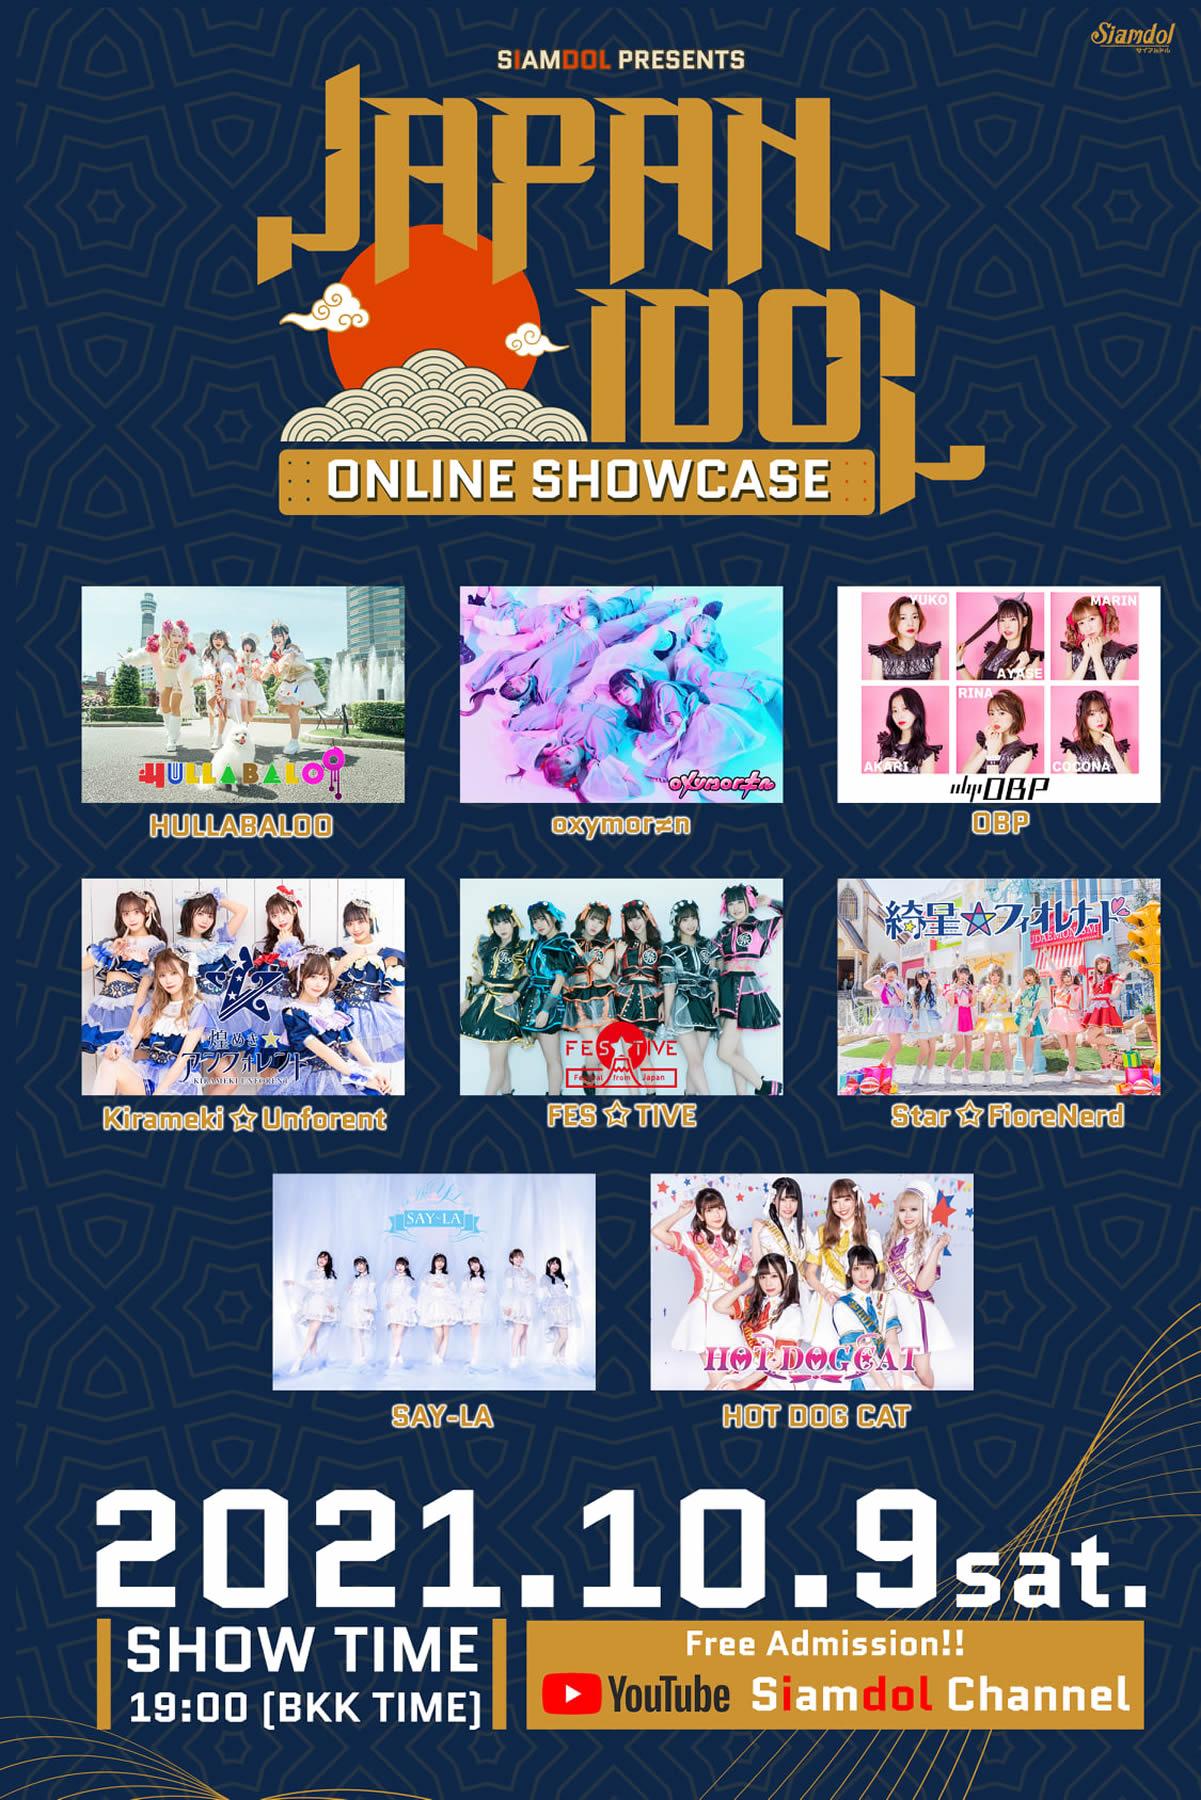 タイのファンに向けて日本のアイドル8組が登場!「Japan Idol Online Showcase」が2021年10月9日に無料配信